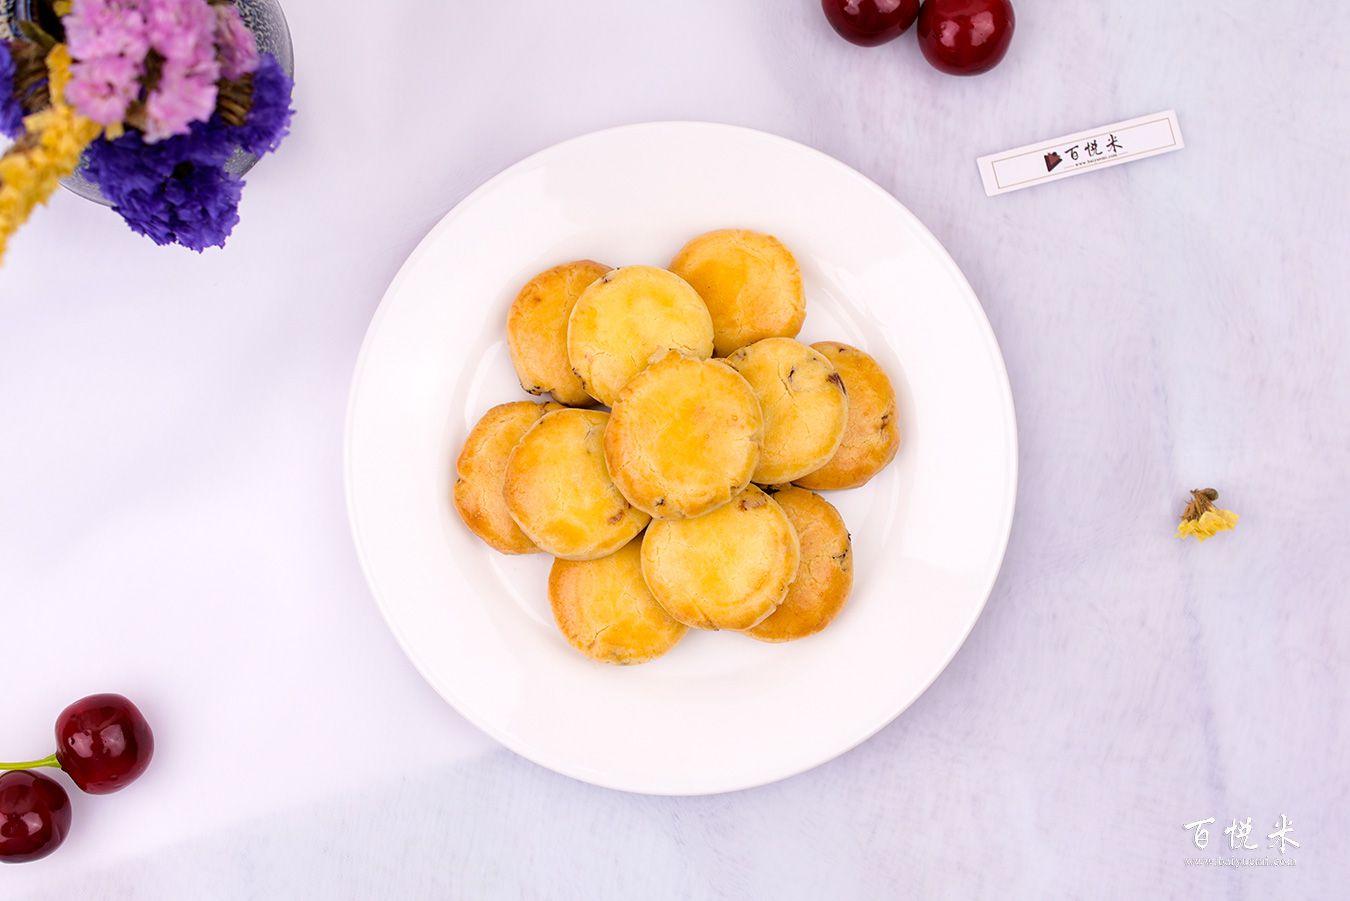 提子松饼饼干高清图片大全【蛋糕图片】_650